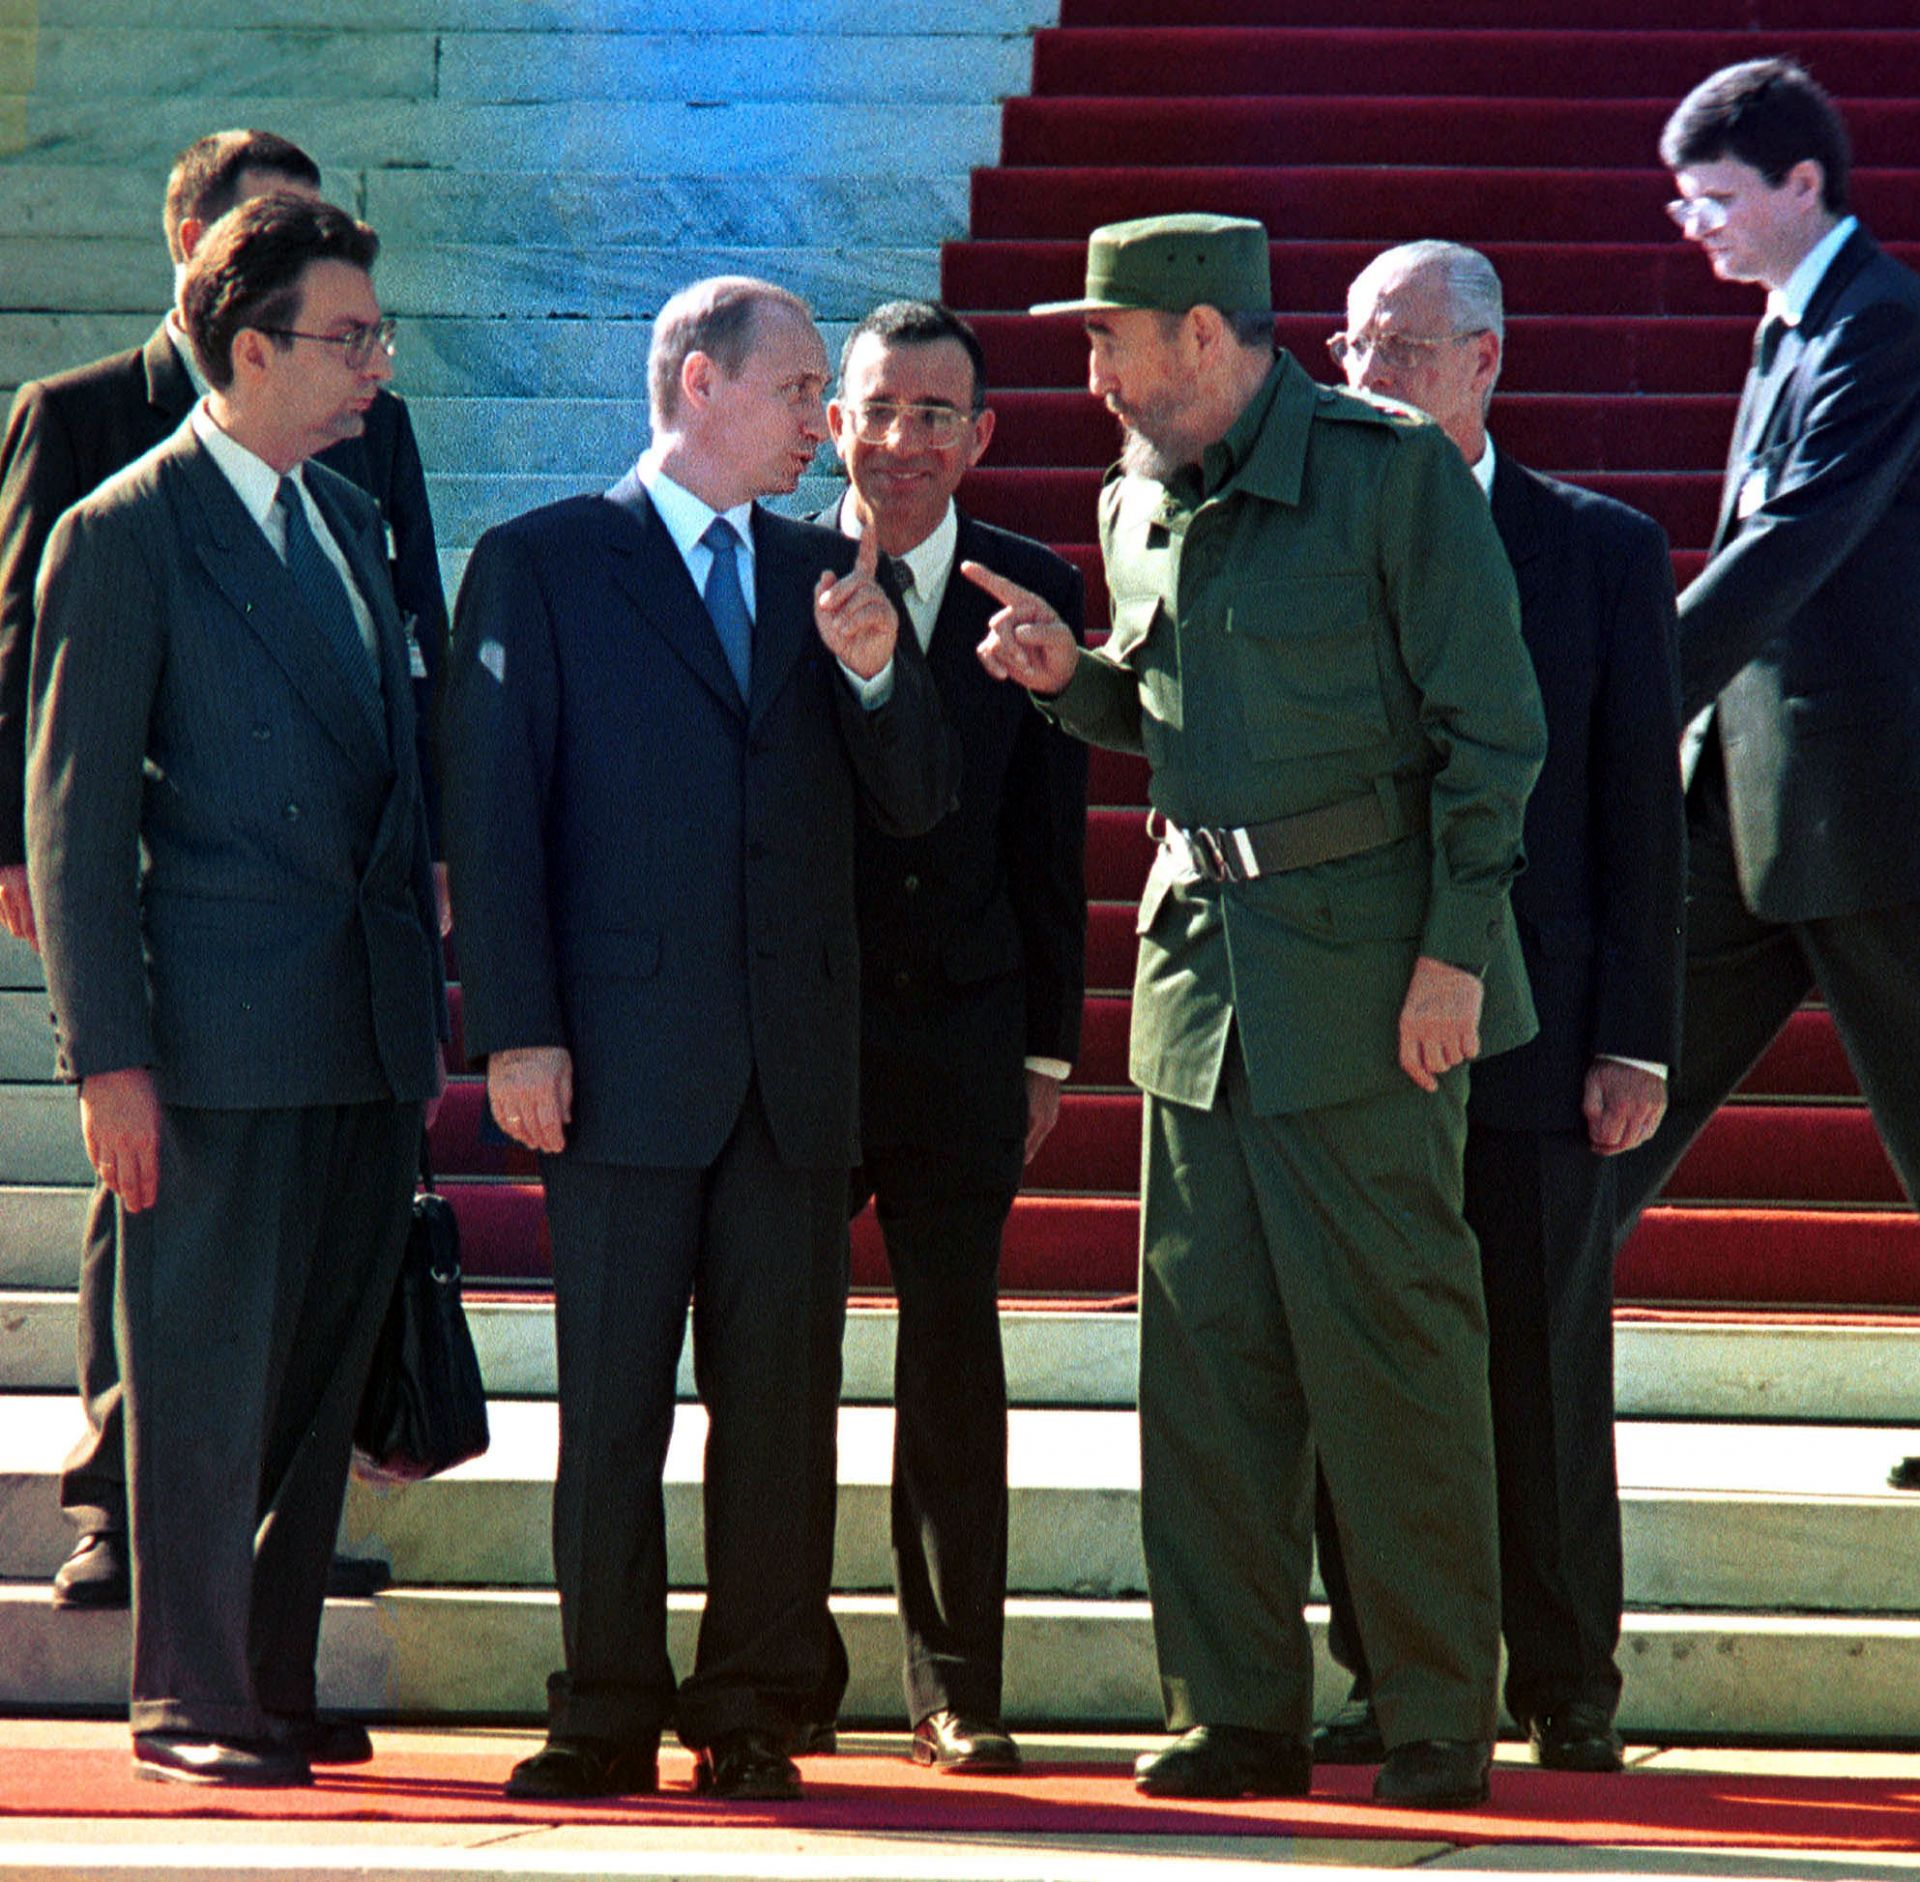 14 декември 2000 г. - Владимир Путин разговаря с кубинския президент Фидел Кастро в Хавана по време на двудневно посещение в Куба, първо за руски лидер след разпадането на бившия Съветски съюз.